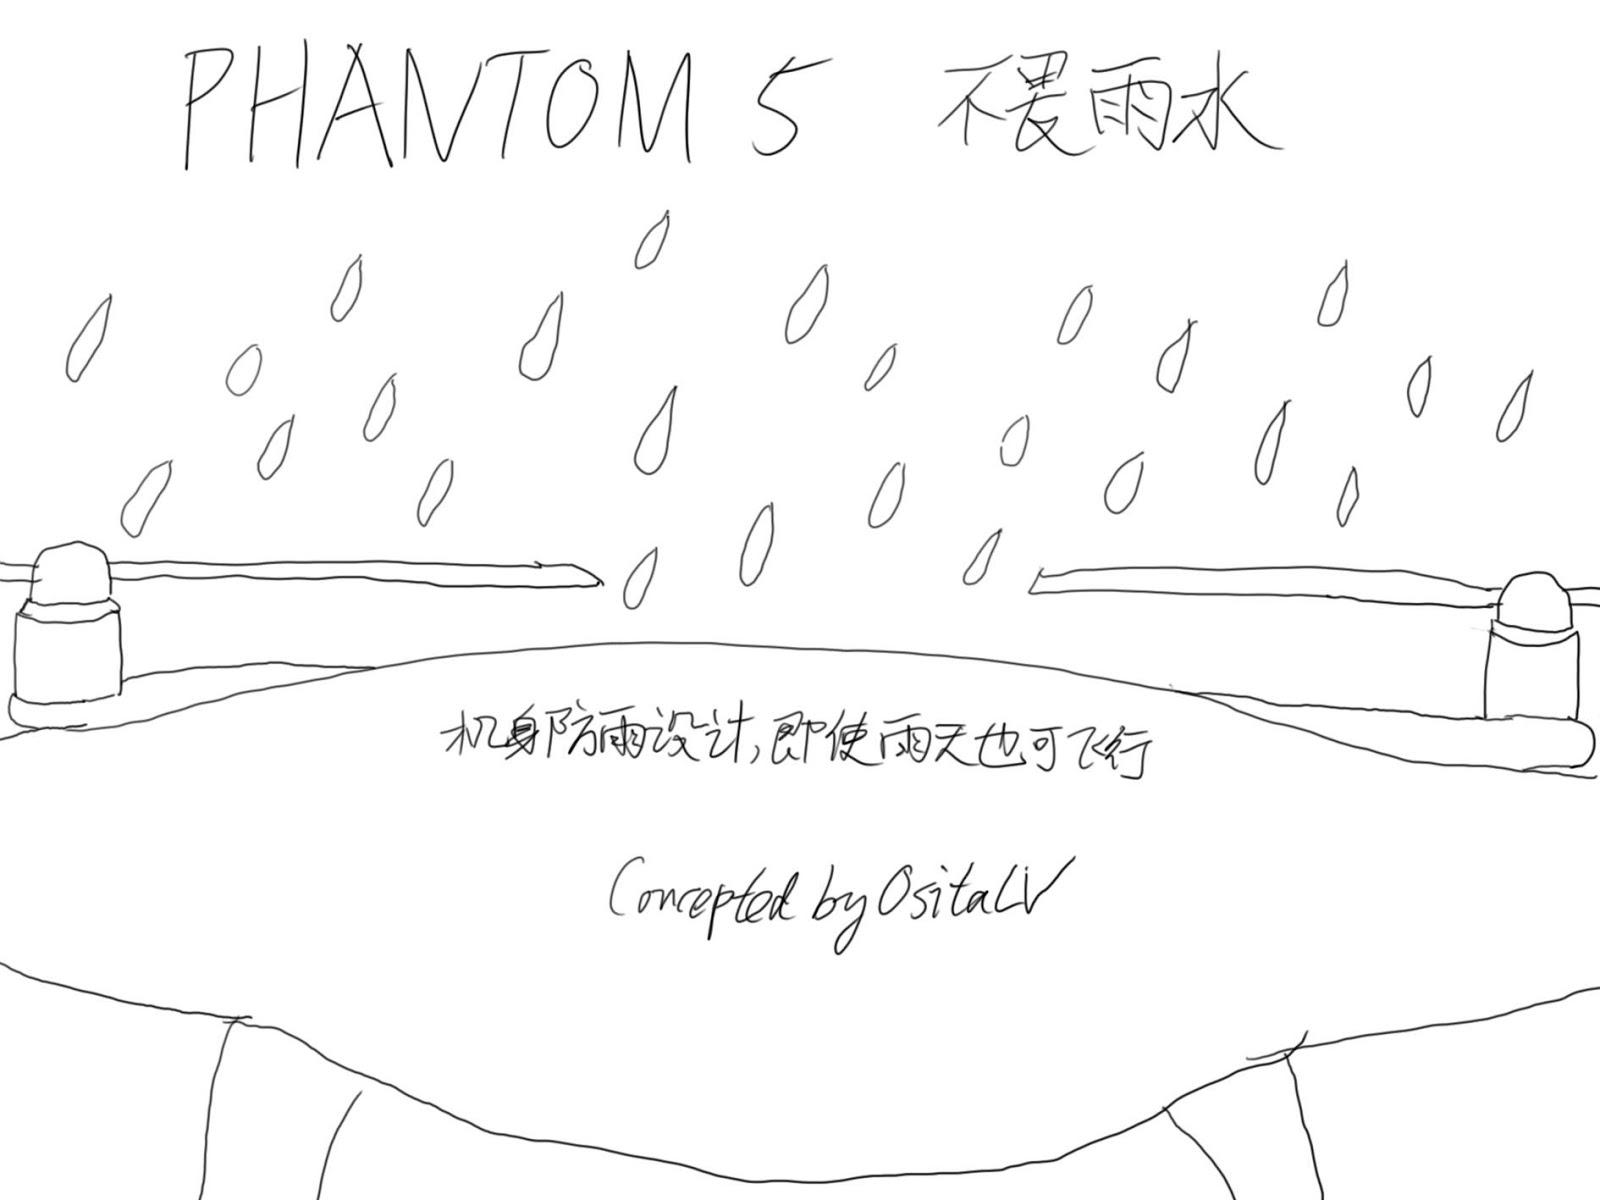 Иллюстрация защиты от дождя для DJI Phantom 5